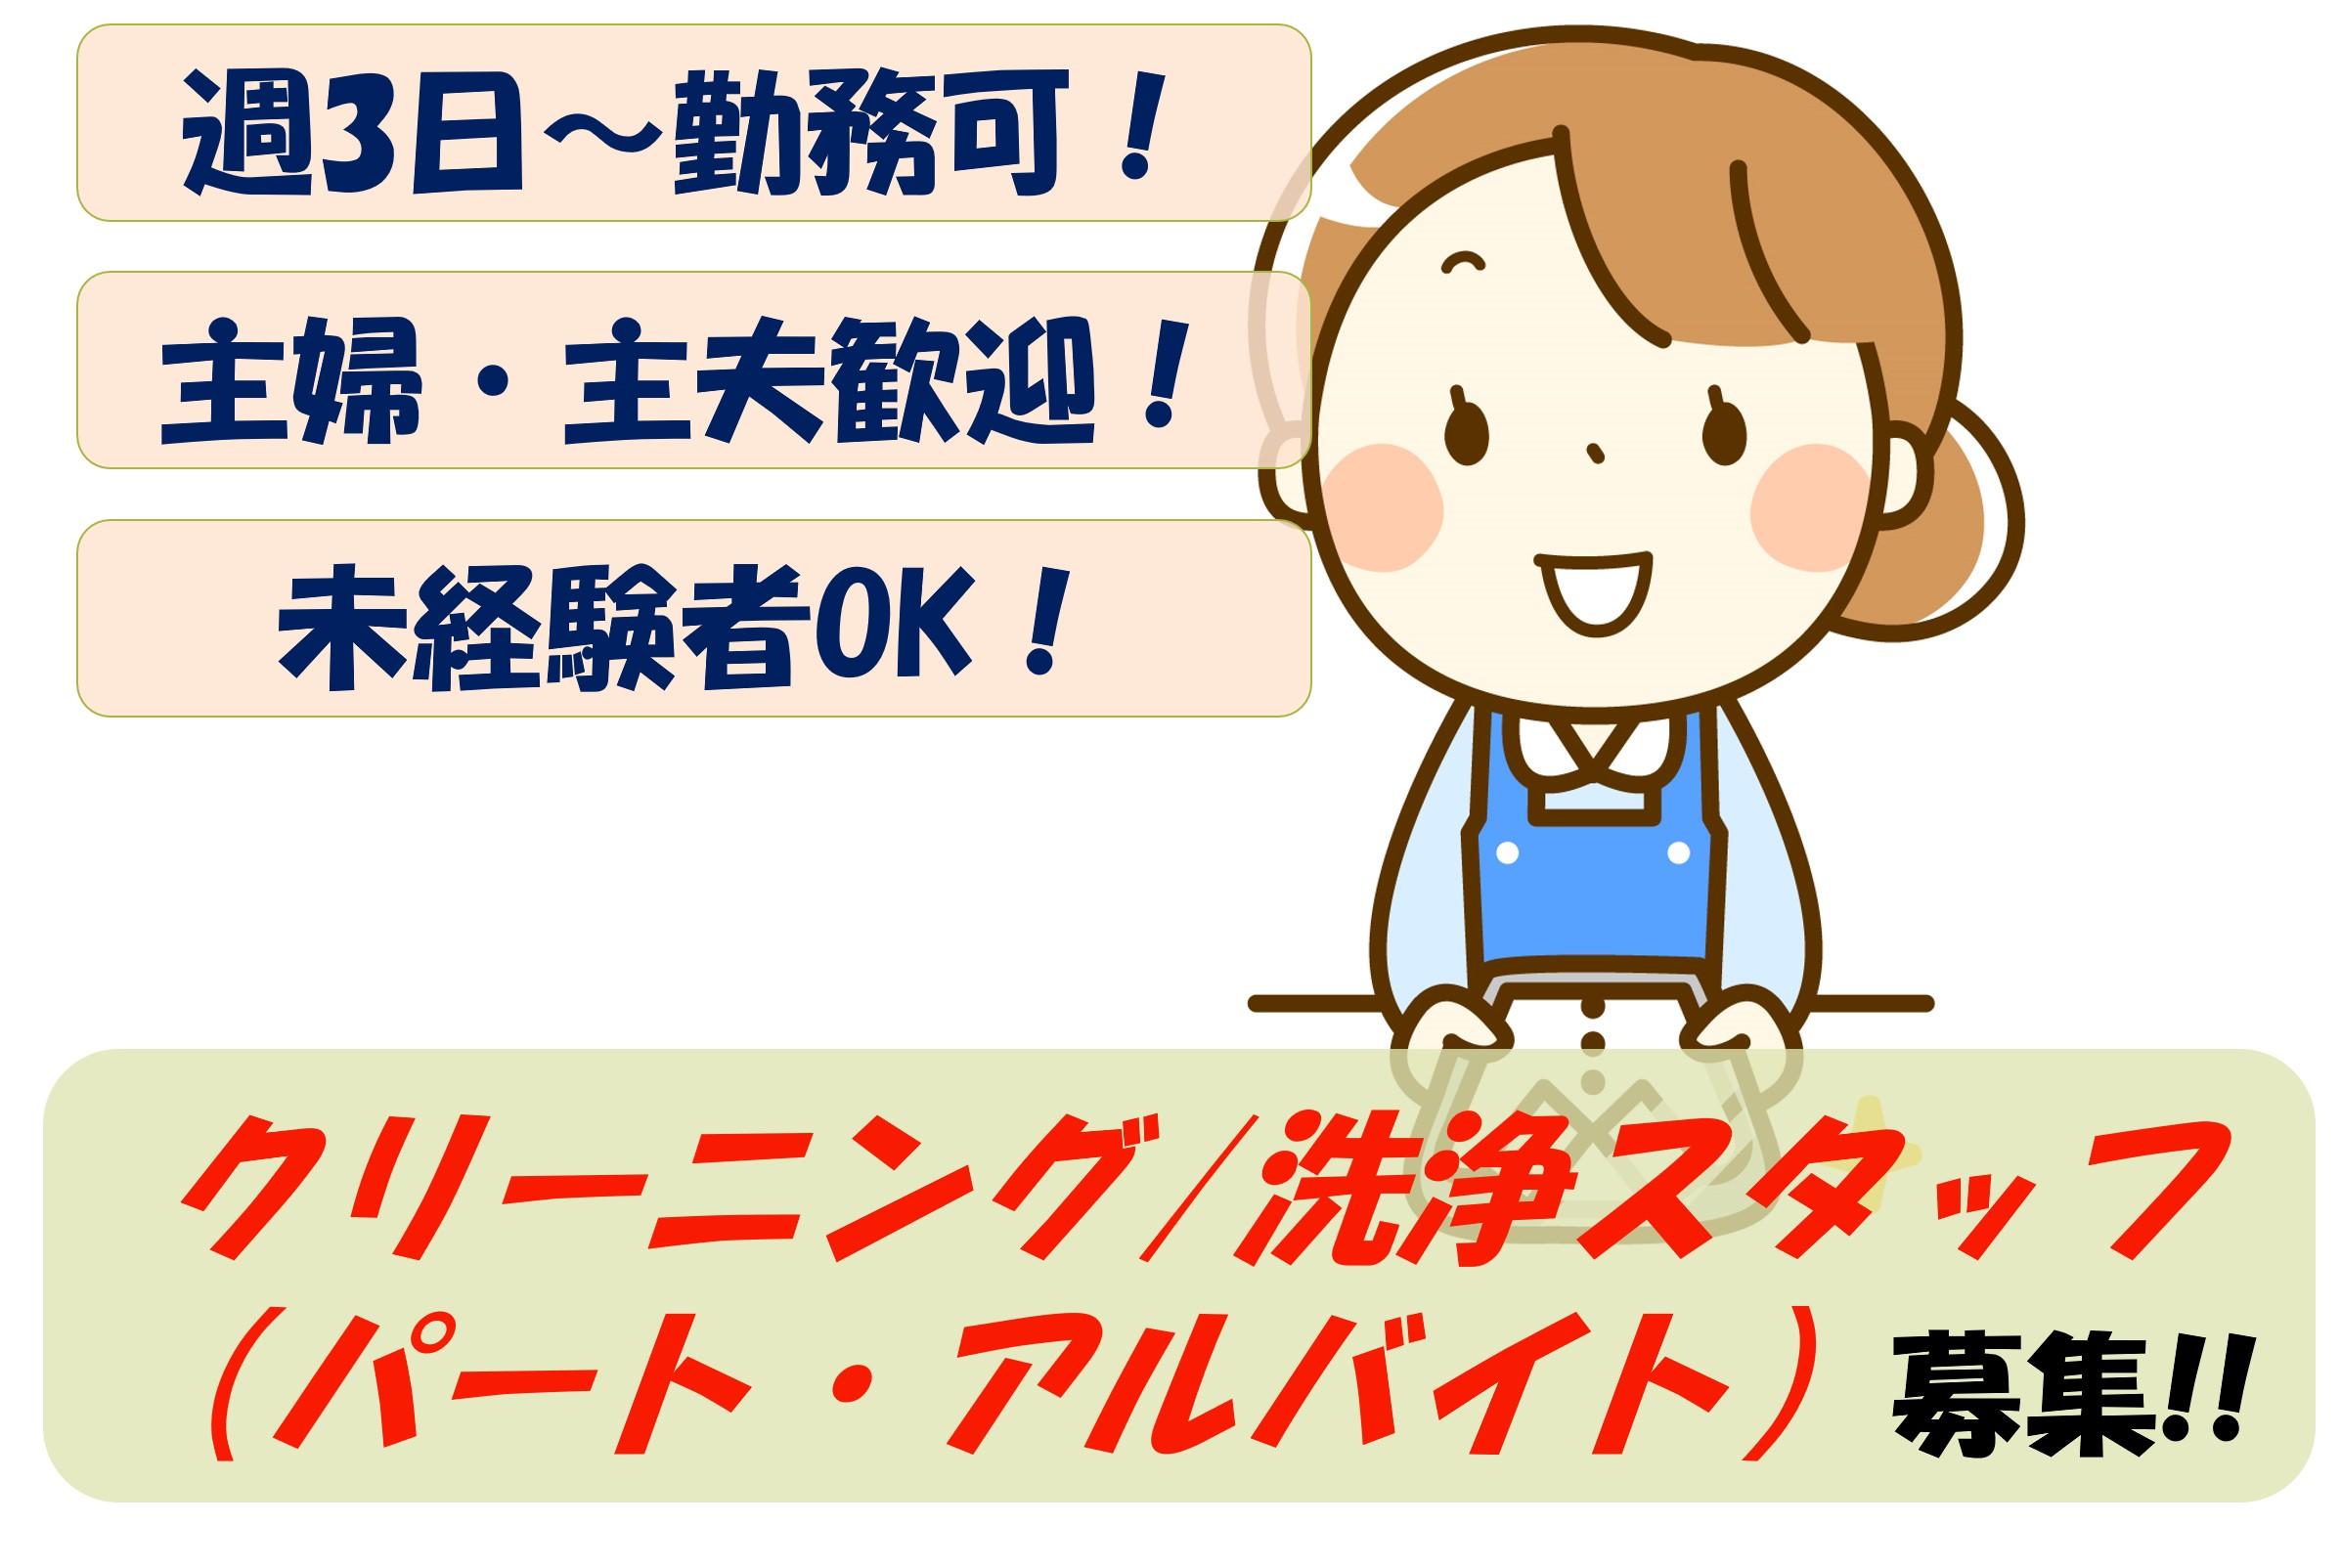 【即面談可能】未経験者歓迎!週3日~OK!クリーニング/洗浄スタッフ募集 イメージ